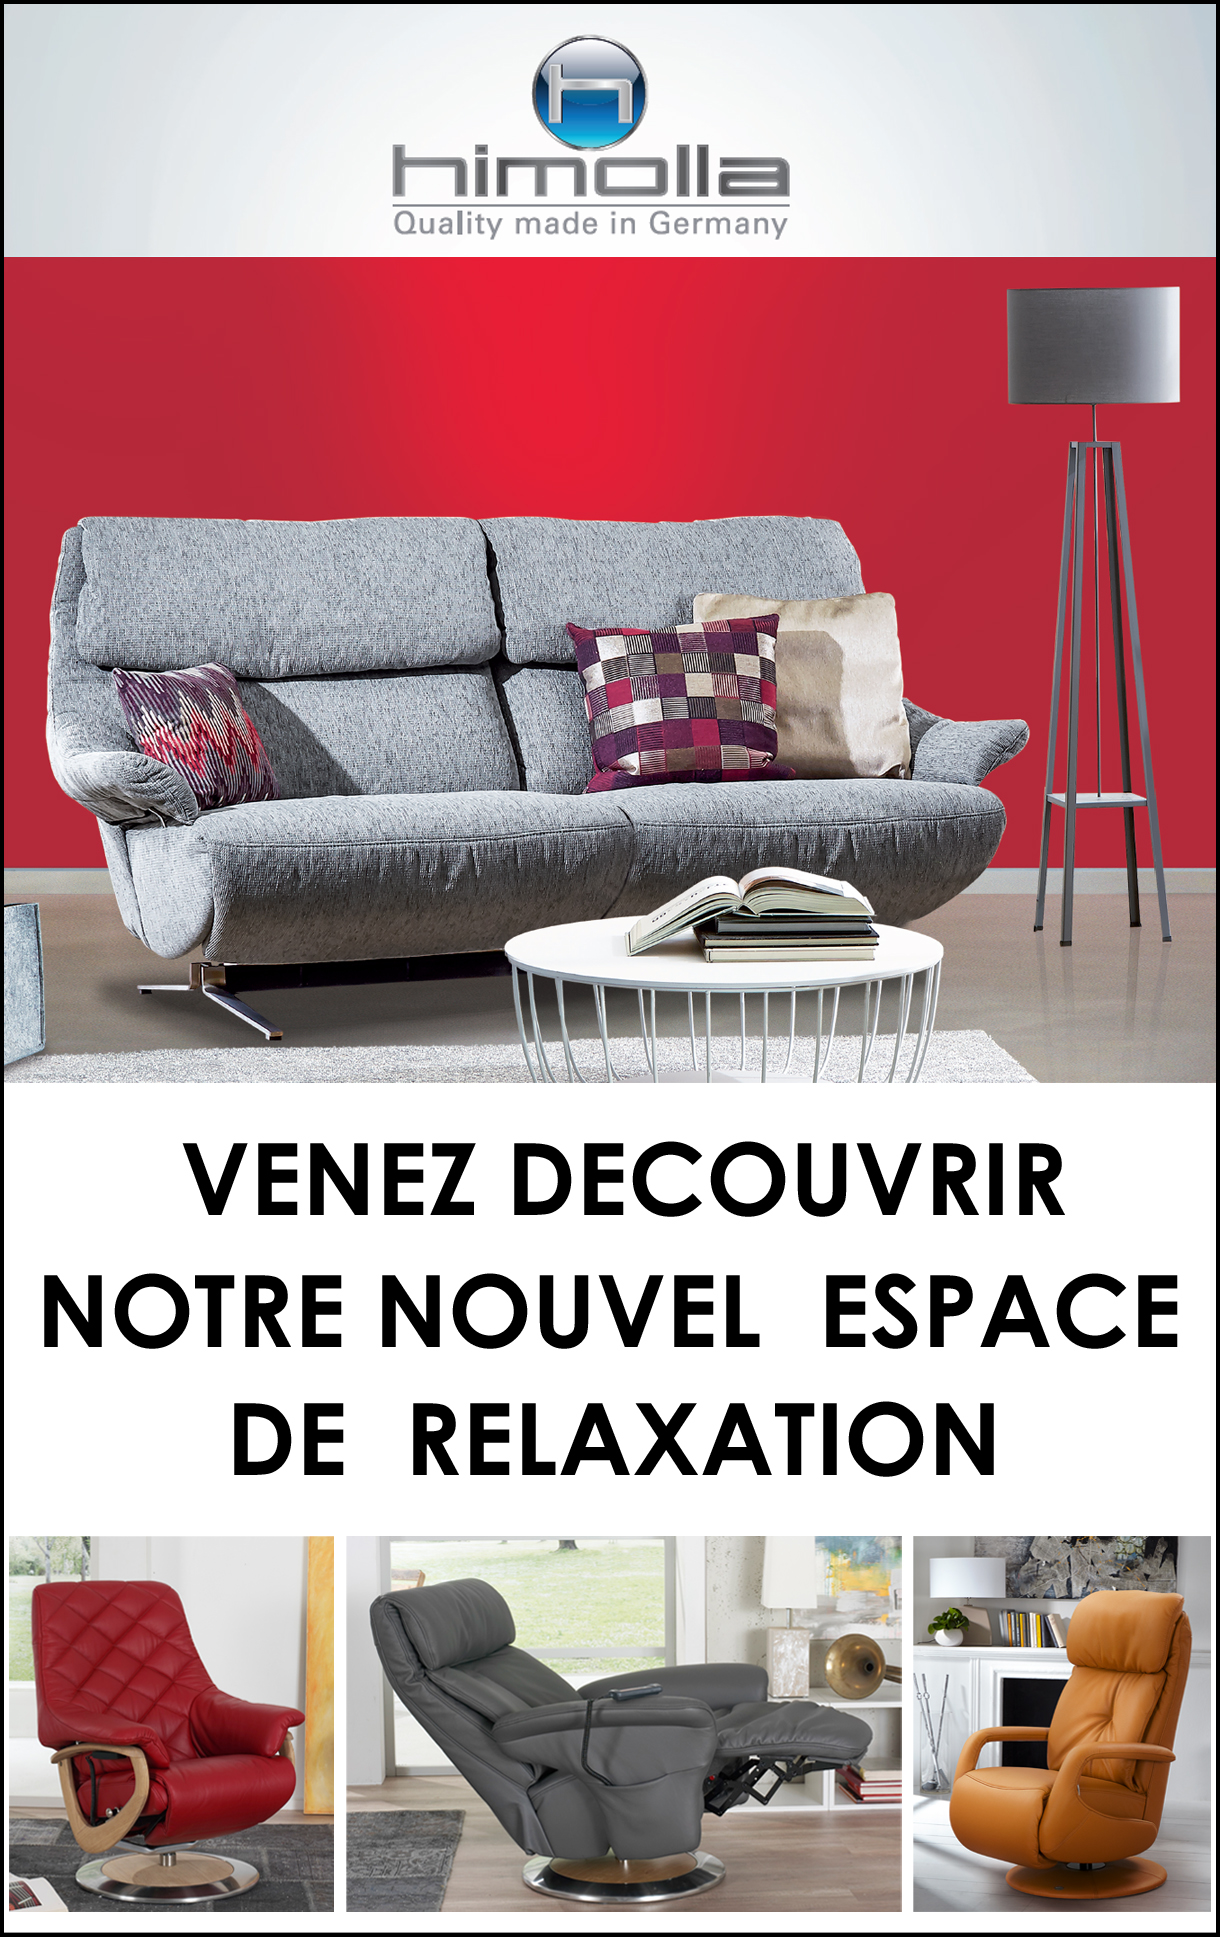 Nouvel espace canapés et fauteuils de relaxation Himolla